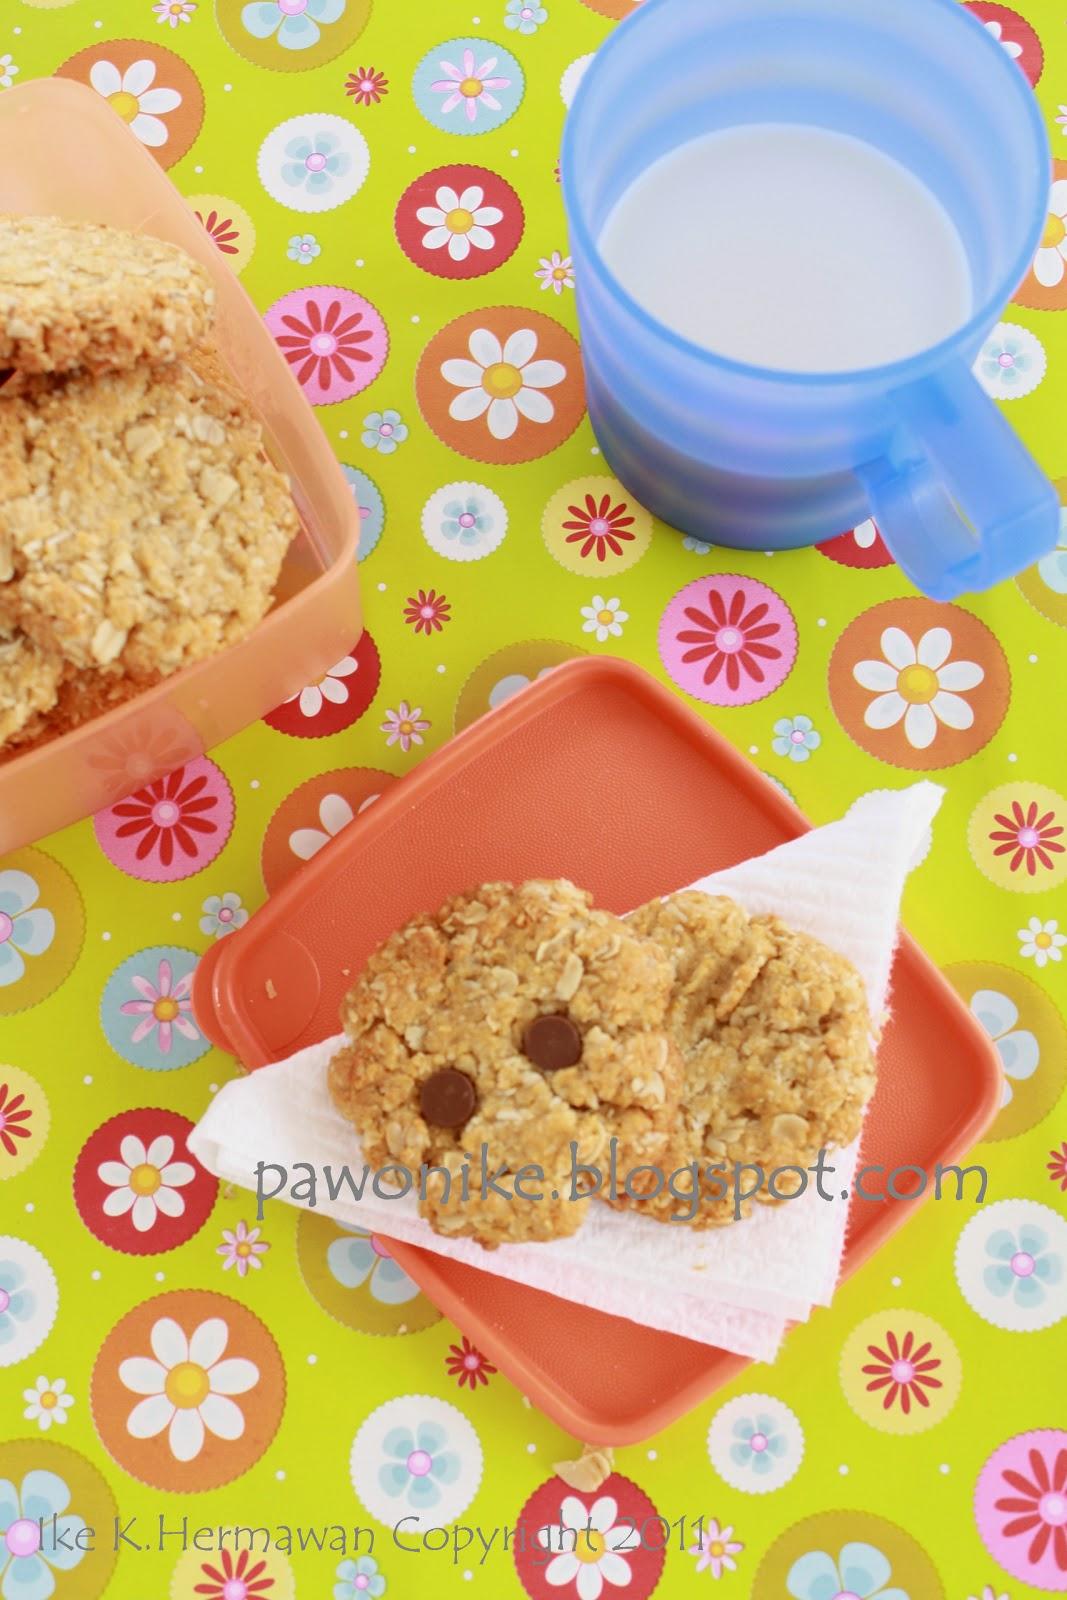 Resep Masak Sehari Hari ANZAC Biscuits